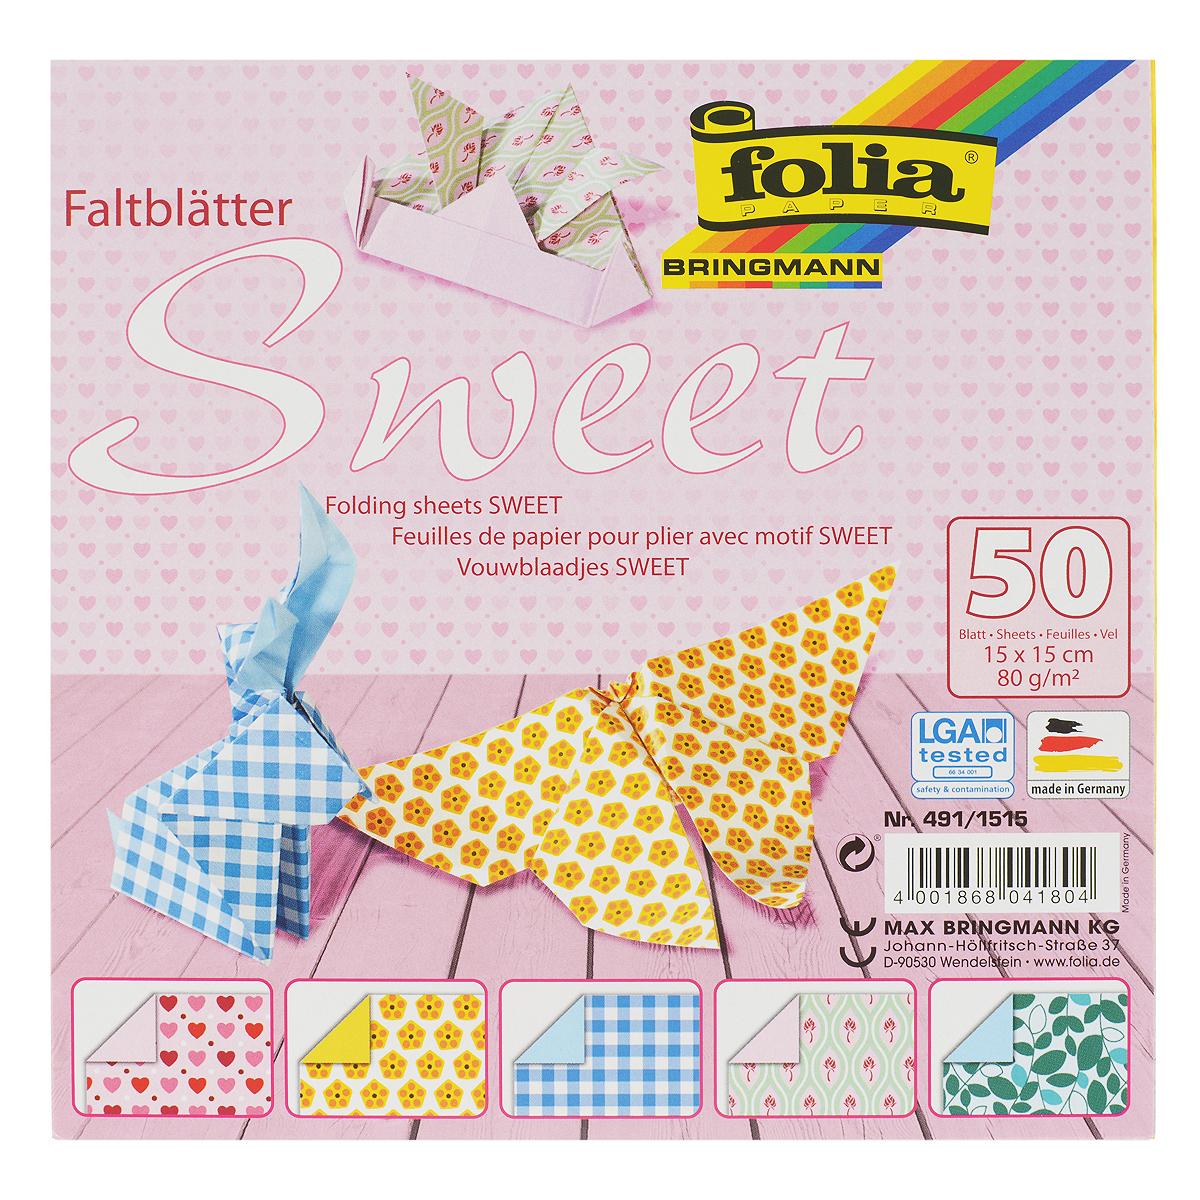 Бумага для оригами Folia Sweet, 15 см х 15 см, 50 листов55052Набор специальной цветной двусторонней бумаги для оригами Folia Sweet содержит 50 листов разных цветов, которые помогут вам и вашему ребенку сделать яркие и разнообразные фигурки. В набор входит бумага пяти разных дизайнов. С одной стороны - бумага однотонная, с другой - оформлена оригинальными узорами и орнаментами. Эти листы можно использовать для оригами, украшения для садового подсвечника или для создания новогодних звезд. При многоразовом сгибании листа на бумаге не появляются трещины, так как она обладает очень высоким качеством. Бумага хорошо комбинируется с цветным картоном.За свою многовековую историю оригами прошло путь от храмовых обрядов до искусства, дарящего радость и красоту миллионам людей во всем мире. Складывание и художественное оформление фигурок оригами интересно заполнят свободное время, доставят огромное удовольствие, радость и взрослым и детям. Увлекательные занятия оригами развивают мелкую моторику рук, воображение, мышление, воспитывают волевые качества и совершенствуют художественный вкус ребенка.Плотность бумаги: 80 г/м2.Размер листа: 15 см х 15 см.